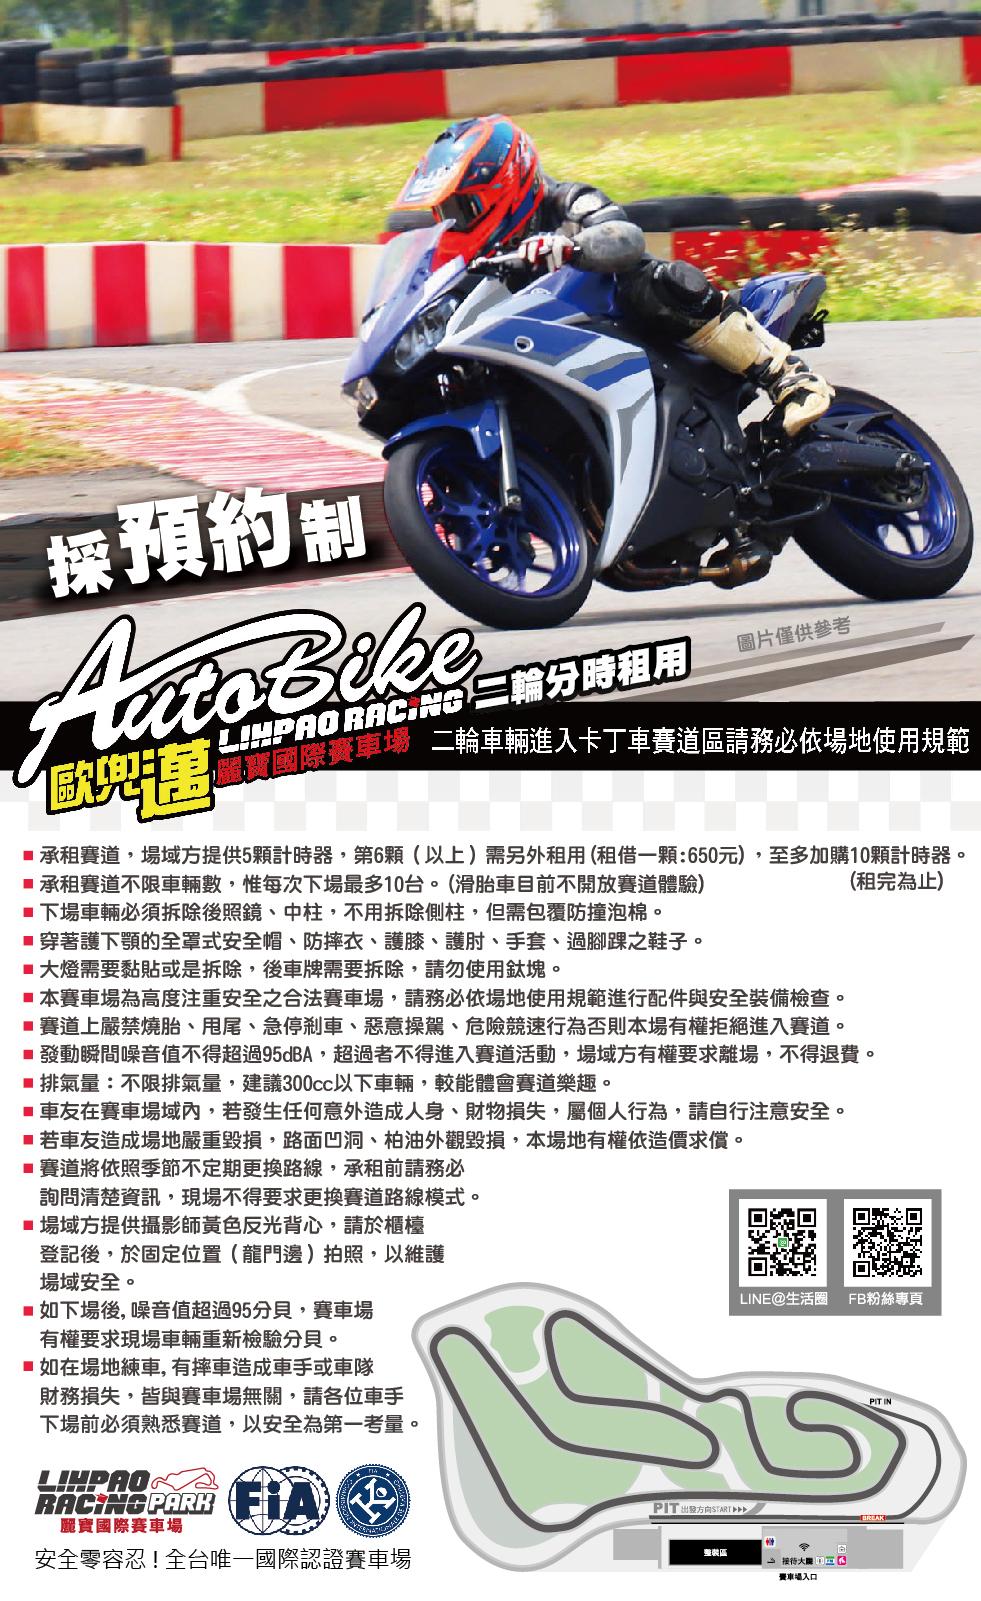 二輪宣傳海報-第二階段無限組-易昇-02.jpg